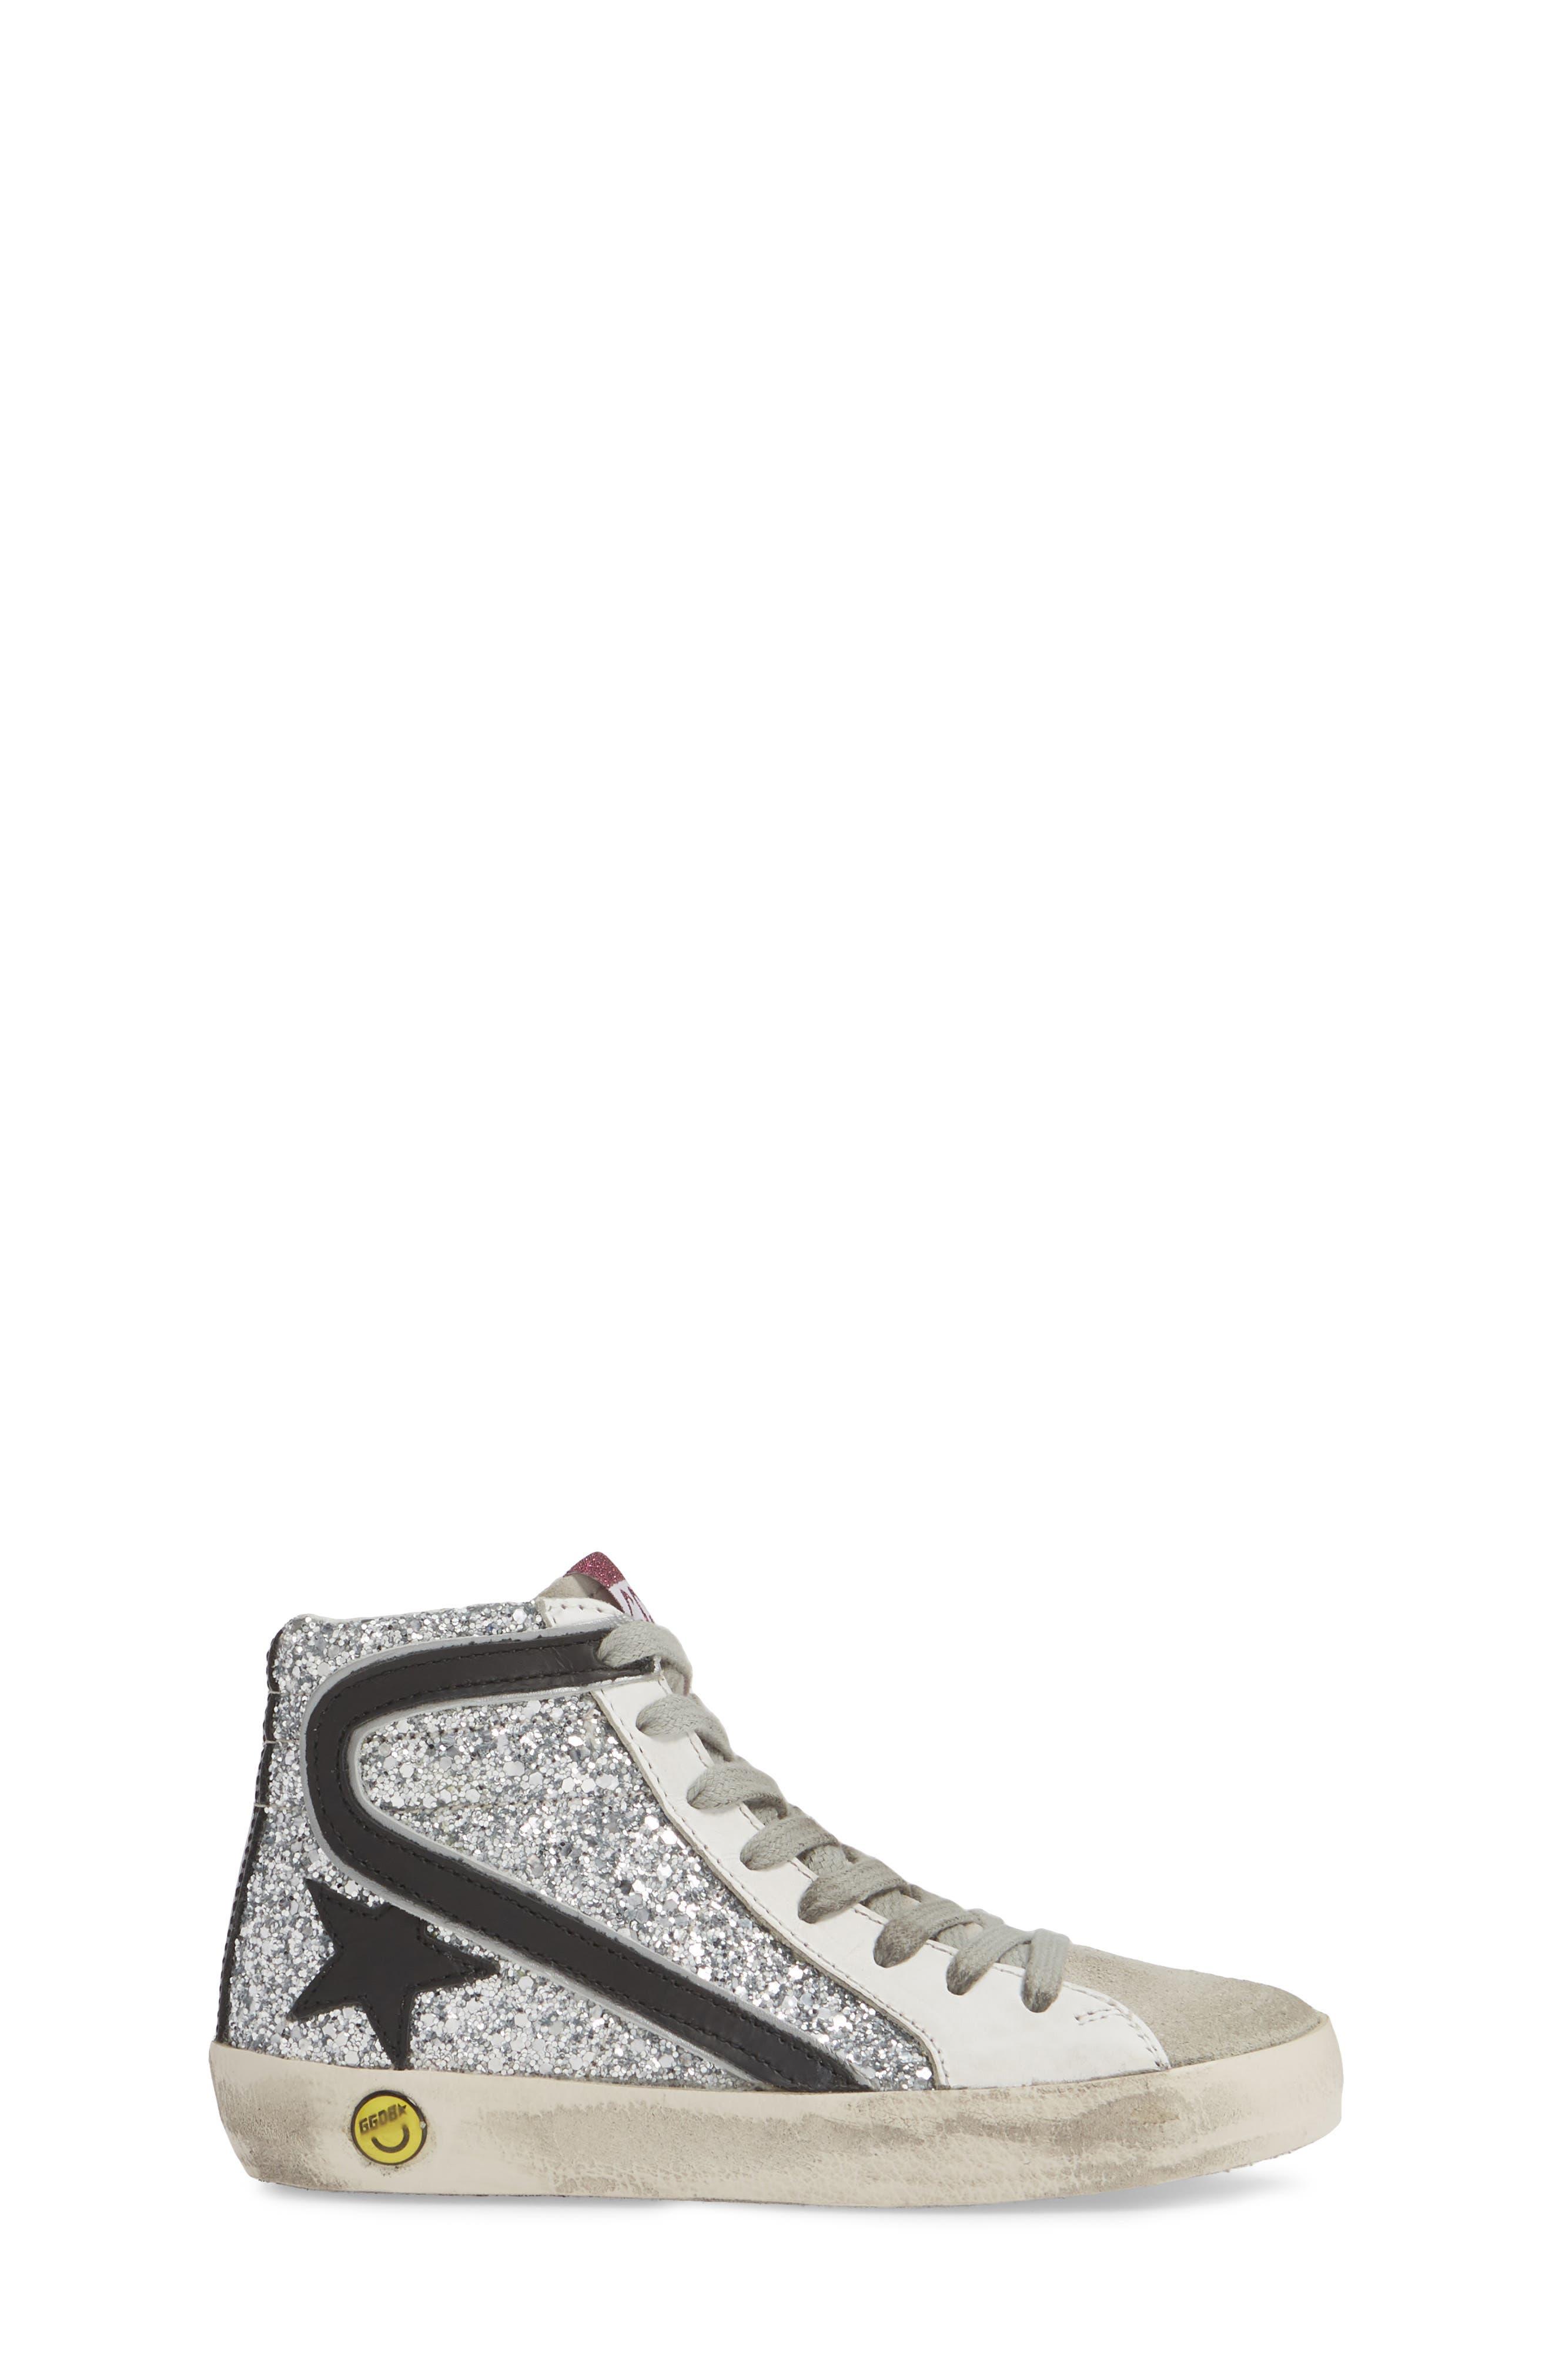 GOLDEN GOOSE, Slide Glitter High Top Sneaker, Alternate thumbnail 3, color, SILVER GLITTER/ BLACK SLIDE